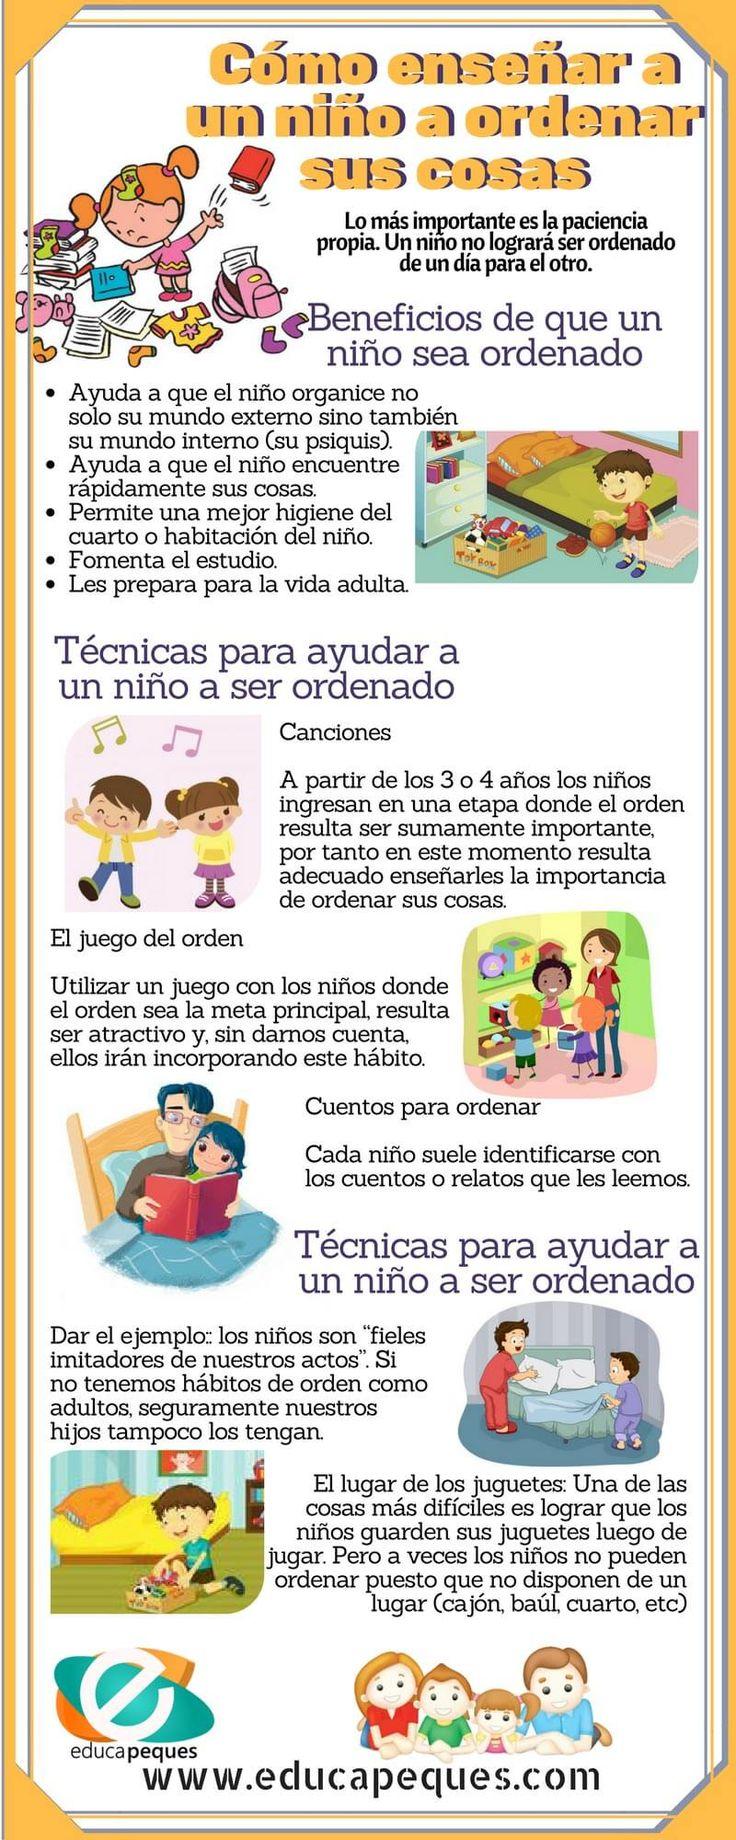 Cómo ayudar a ser ordenado. Infografía educativa con los beneficios y técnicas para ayudar a los niños a ser responsables y ordenar sus cosas